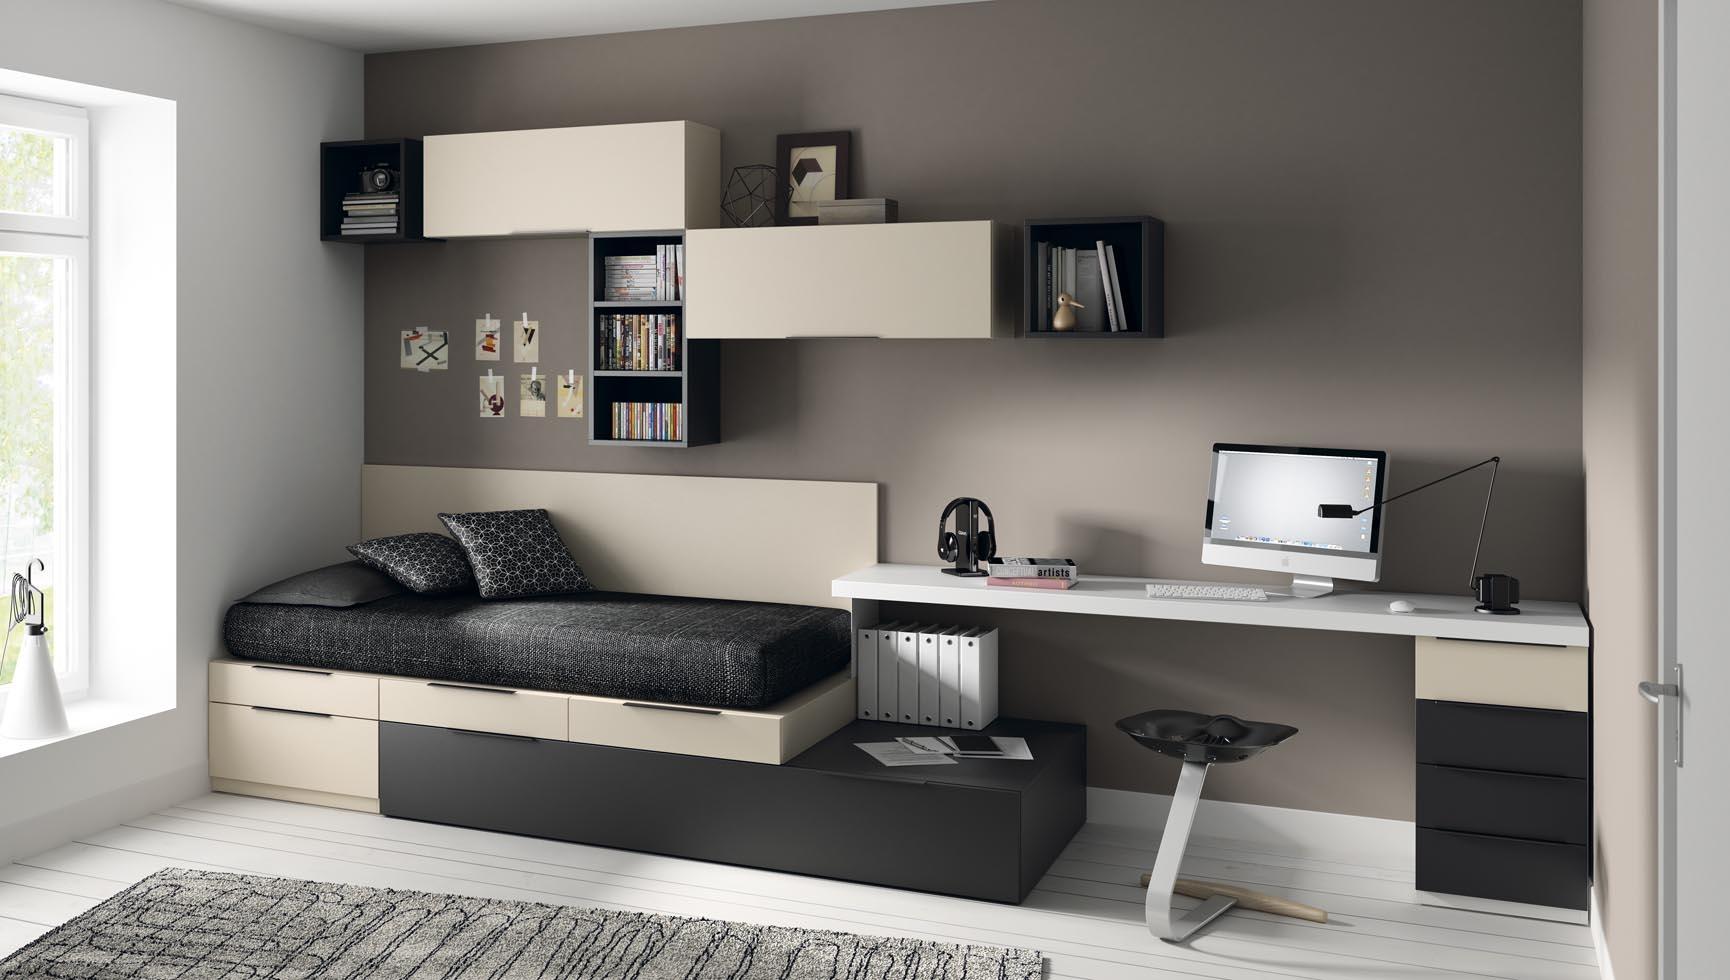 Dormitorios juveniles - Habitaciones modulares juveniles ...